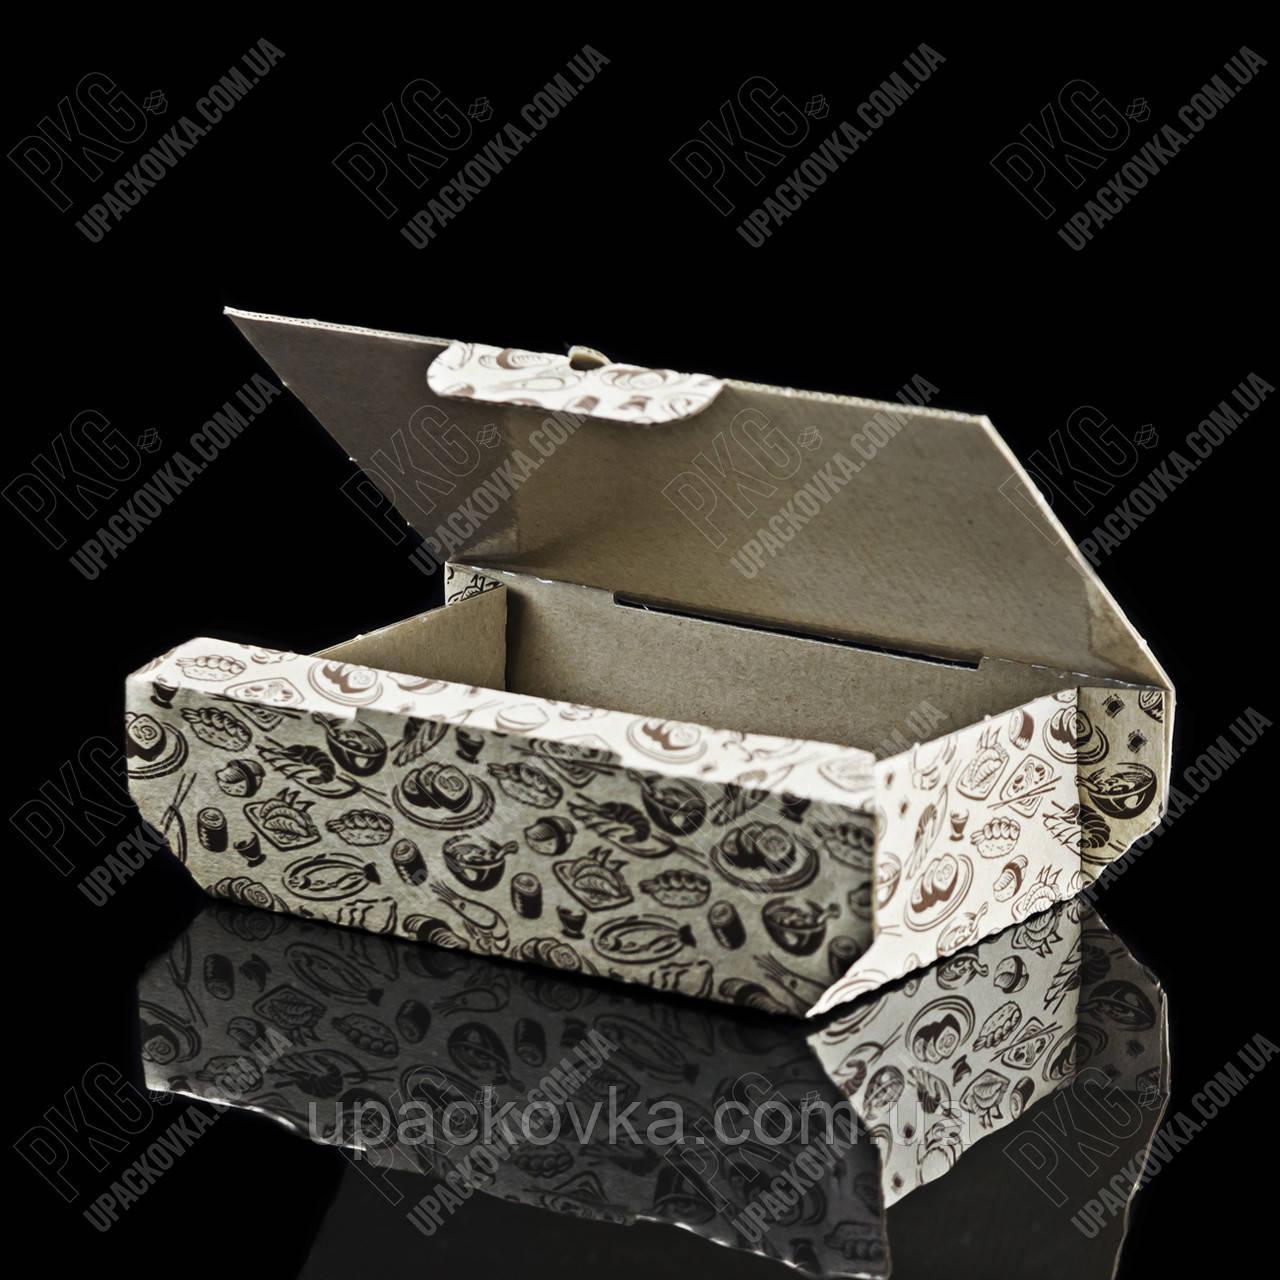 Коробка для суши бумажная, 165х115х50 мм. 100 шт / уп